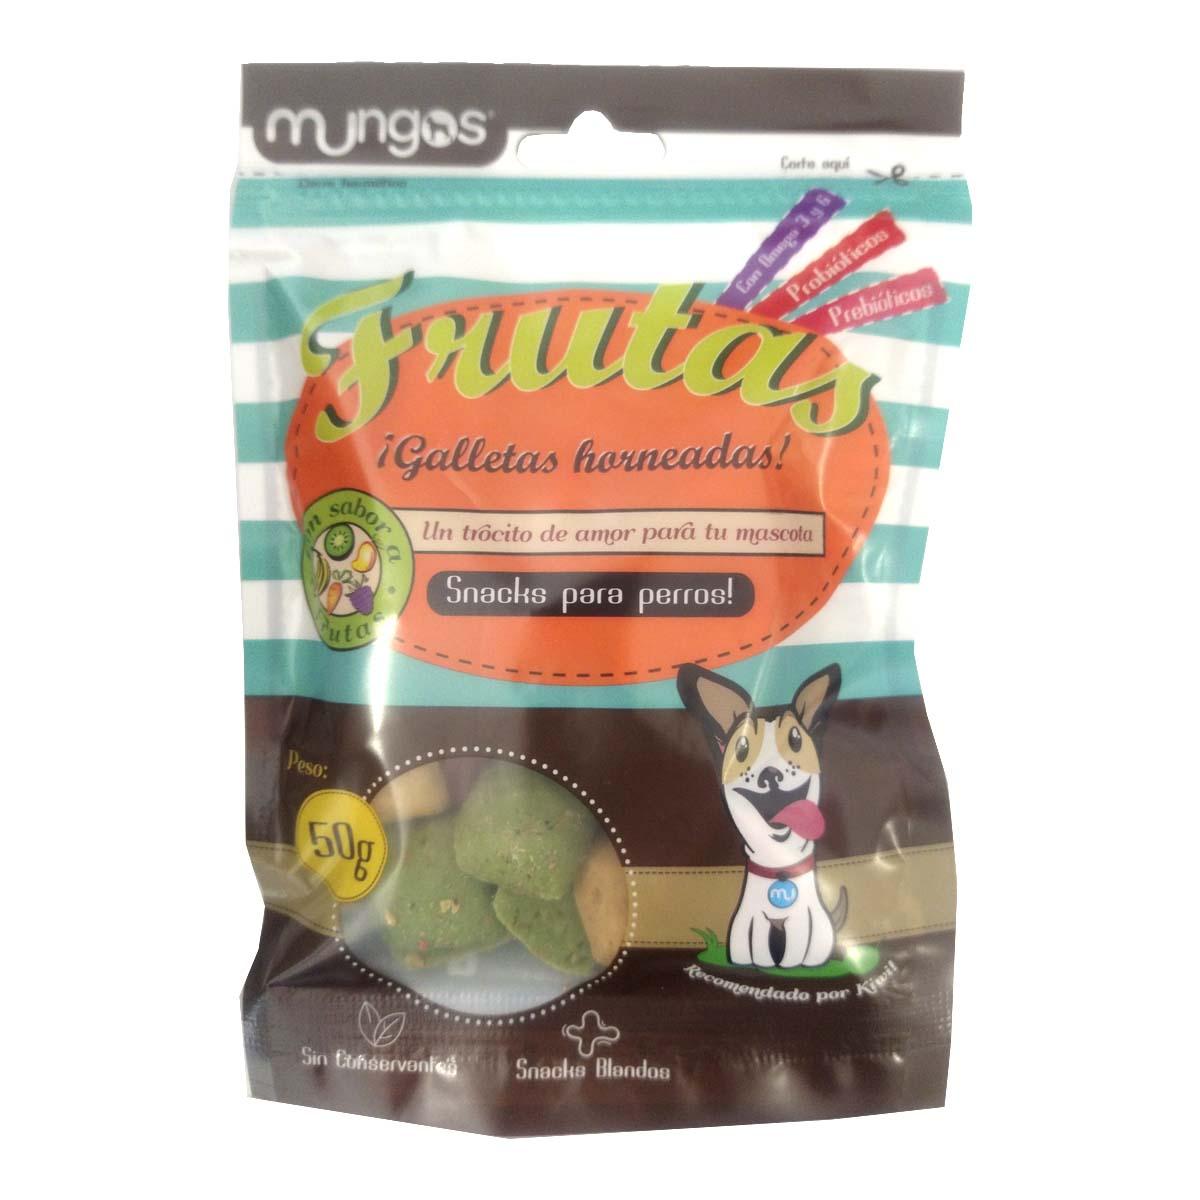 Deliciosas galletas blandas para perros tipo gourmet con sabor a frutas, que llenarán de alegría el paladar de tu mejor amigo. Galletas funcionales formuladas para perros de 5 meses en adelante. SABOR INSUPERABLE – Enrriquecidos con prebióticos y probióticos, omega 6 y 3.